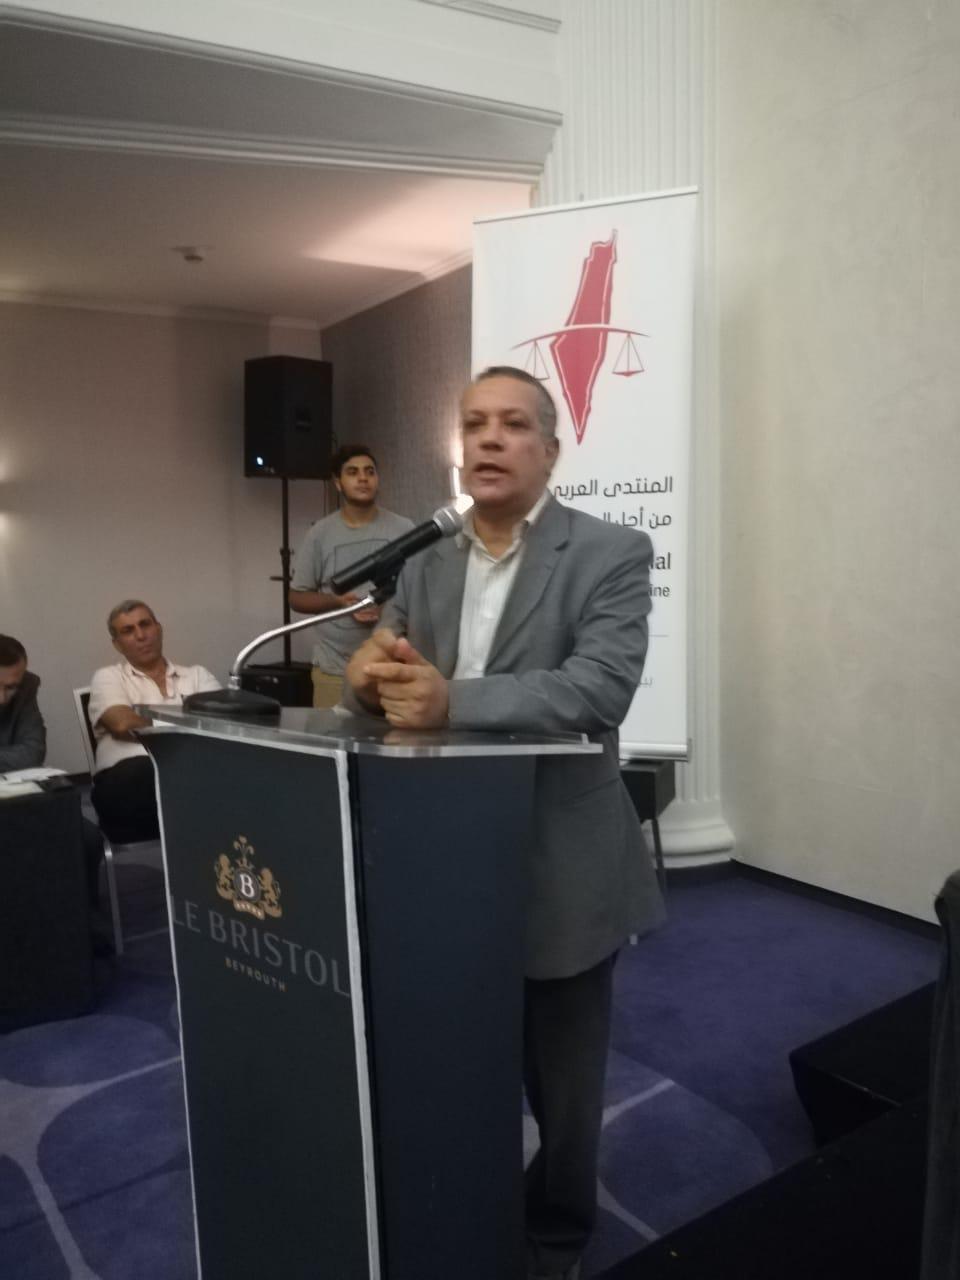 المئات من الشخصيات العربية والدولية في افتتاح منتدى «من اجل العدالة لفلسطين»